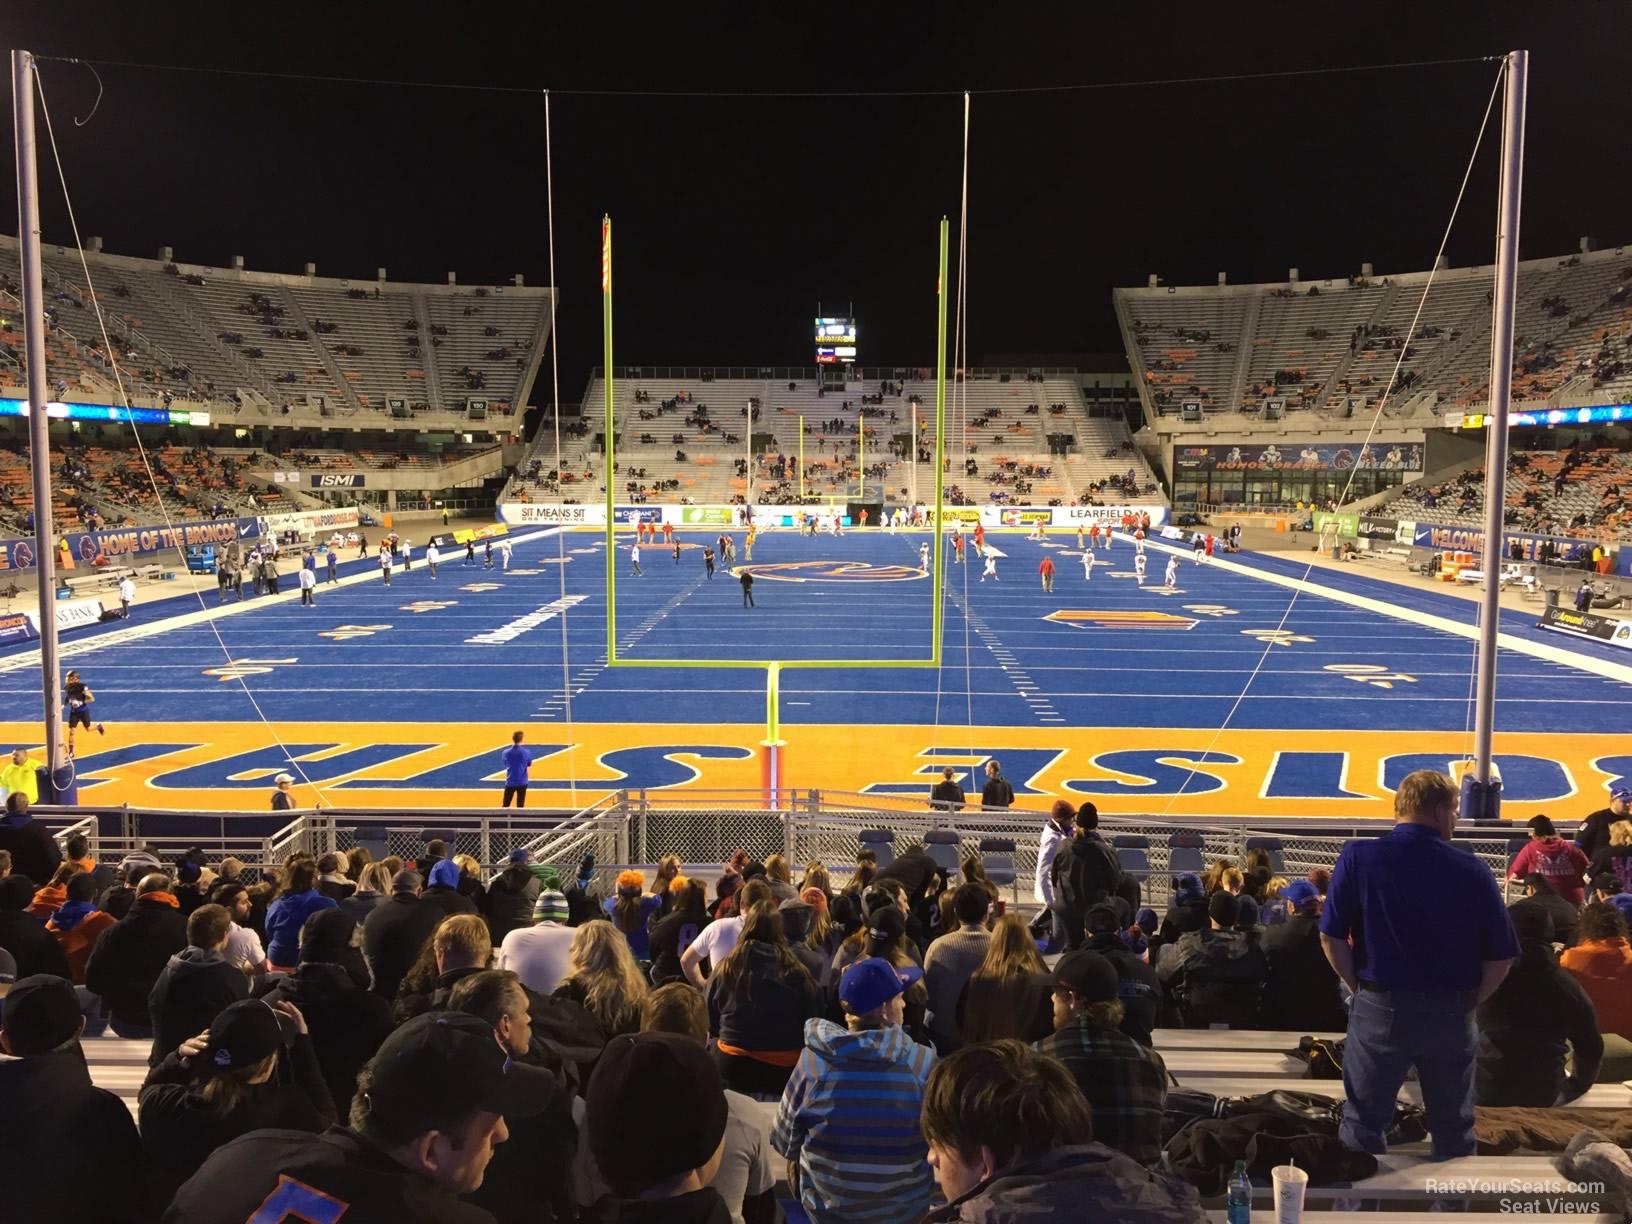 Bronco Stadium North End Zone - RateYourSeats.com